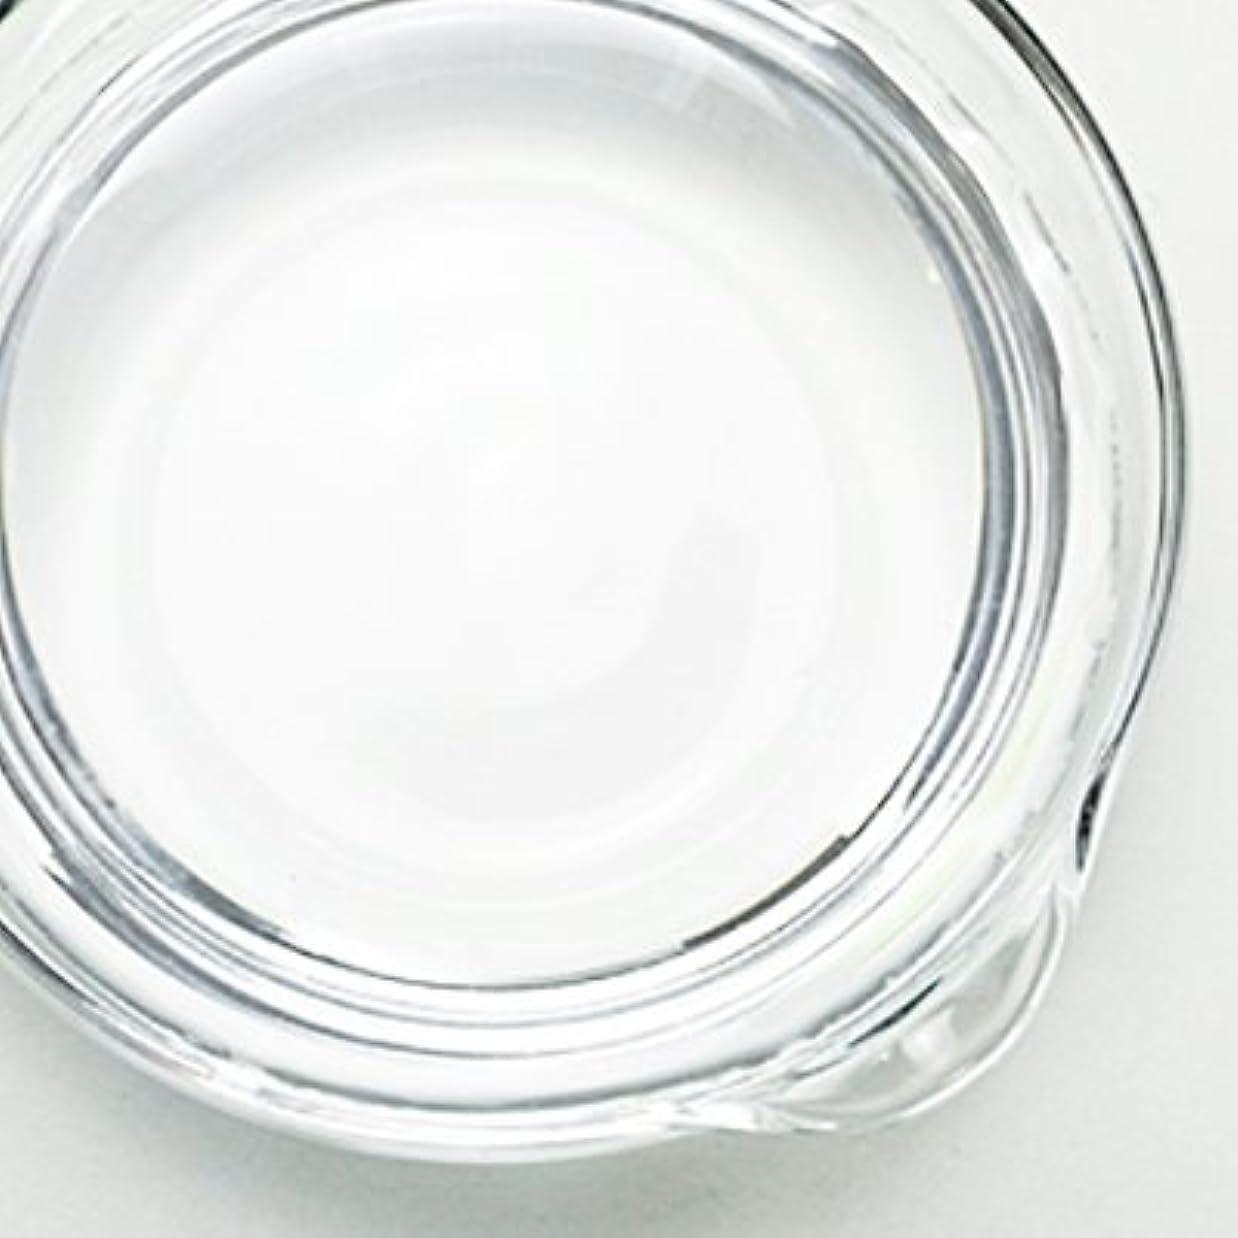 樫の木驚ふさわしい1,3-ブチレングリコール[BG] 500ml 【手作り石鹸/手作りコスメ】